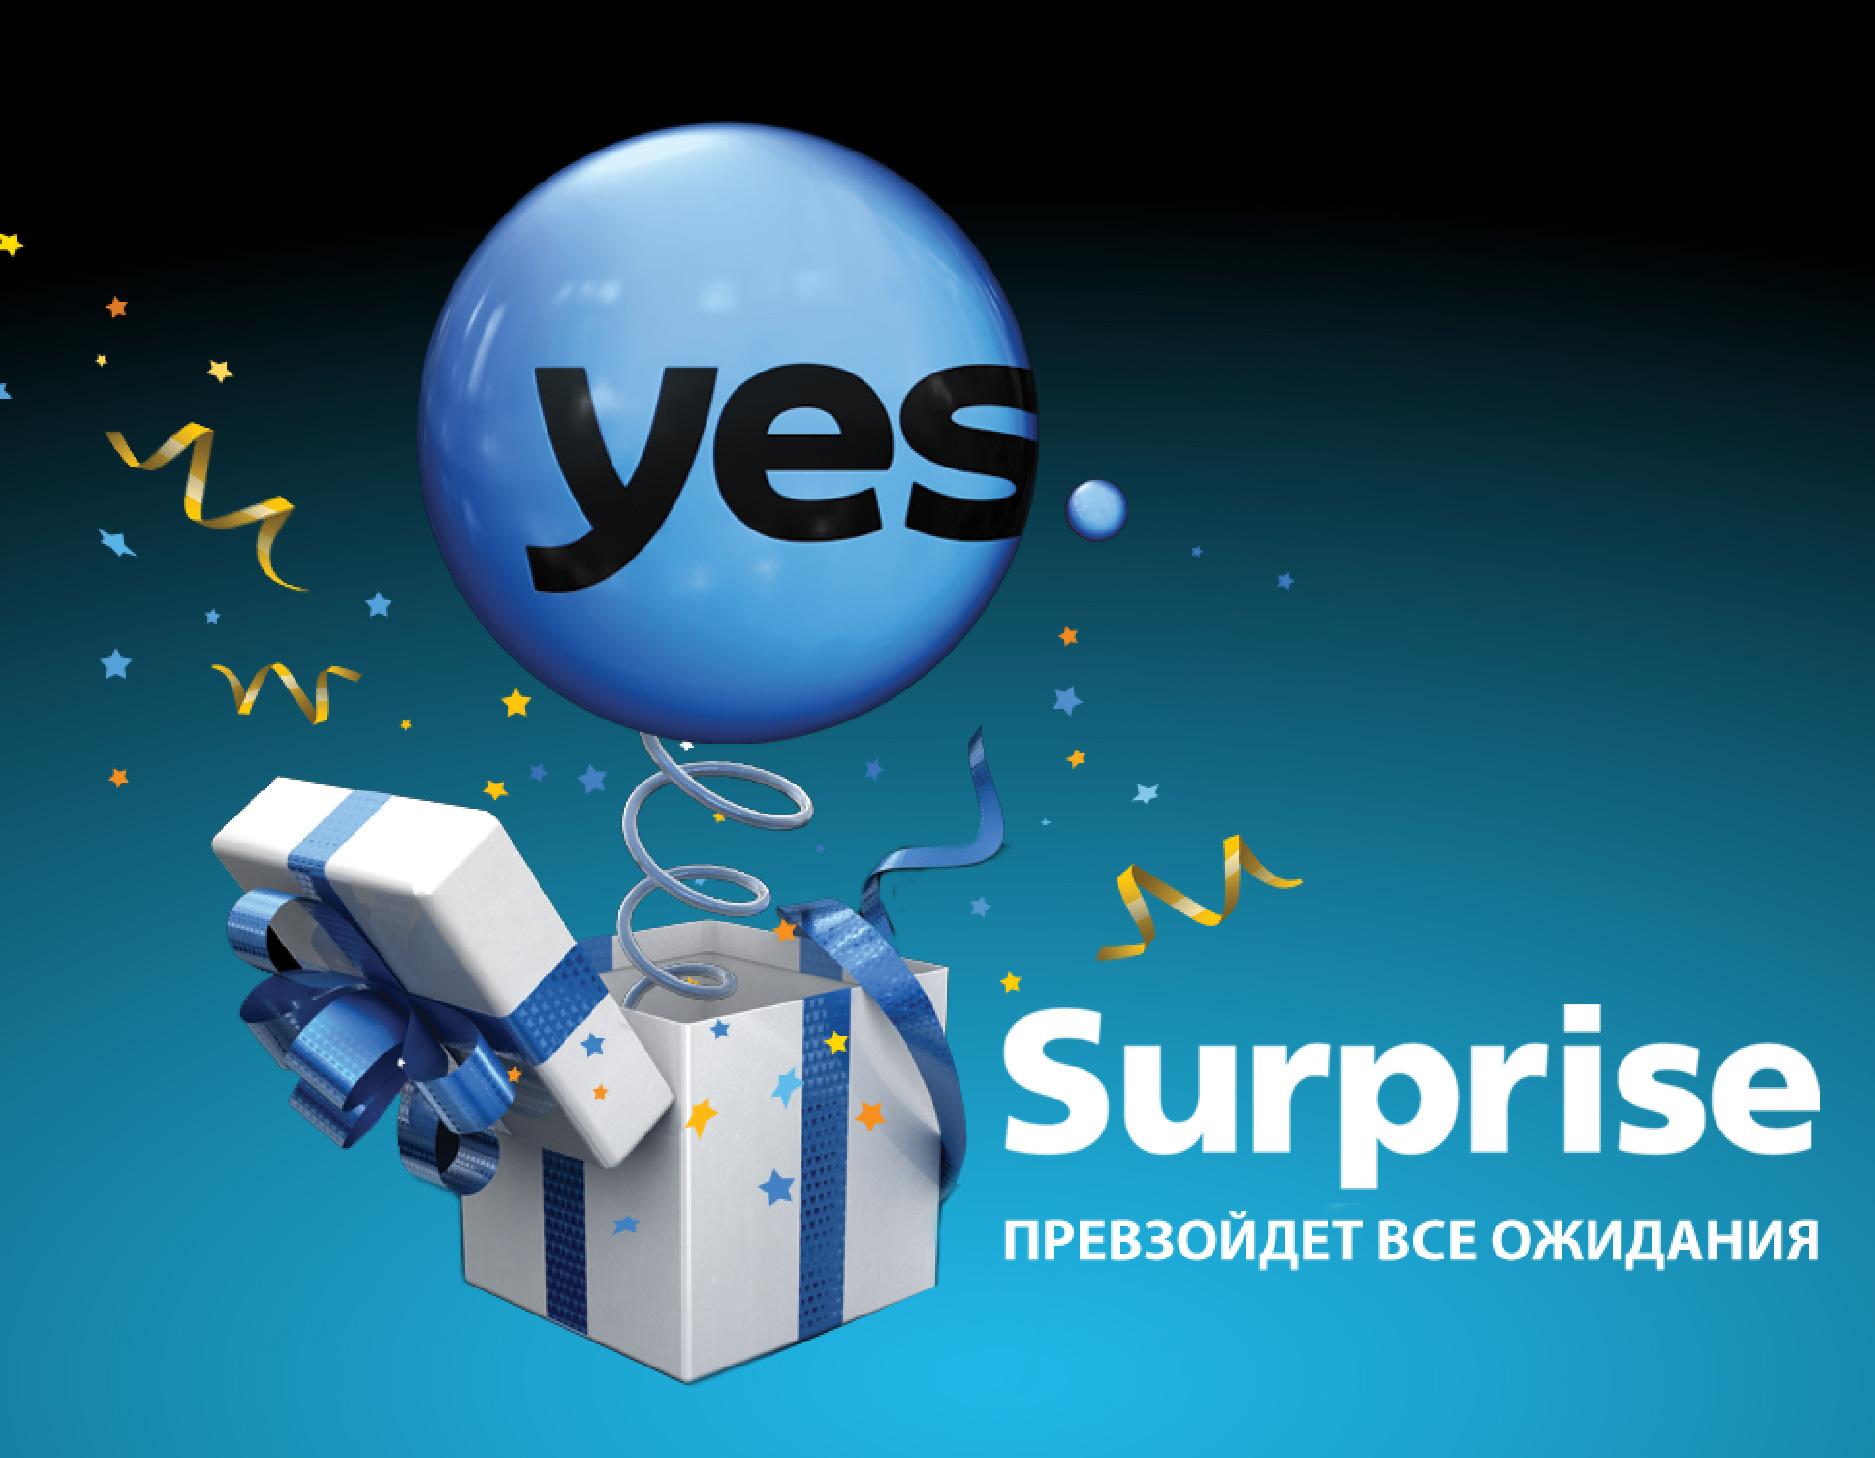 Новый 2014 год с yes Surprise, дальше – больше…